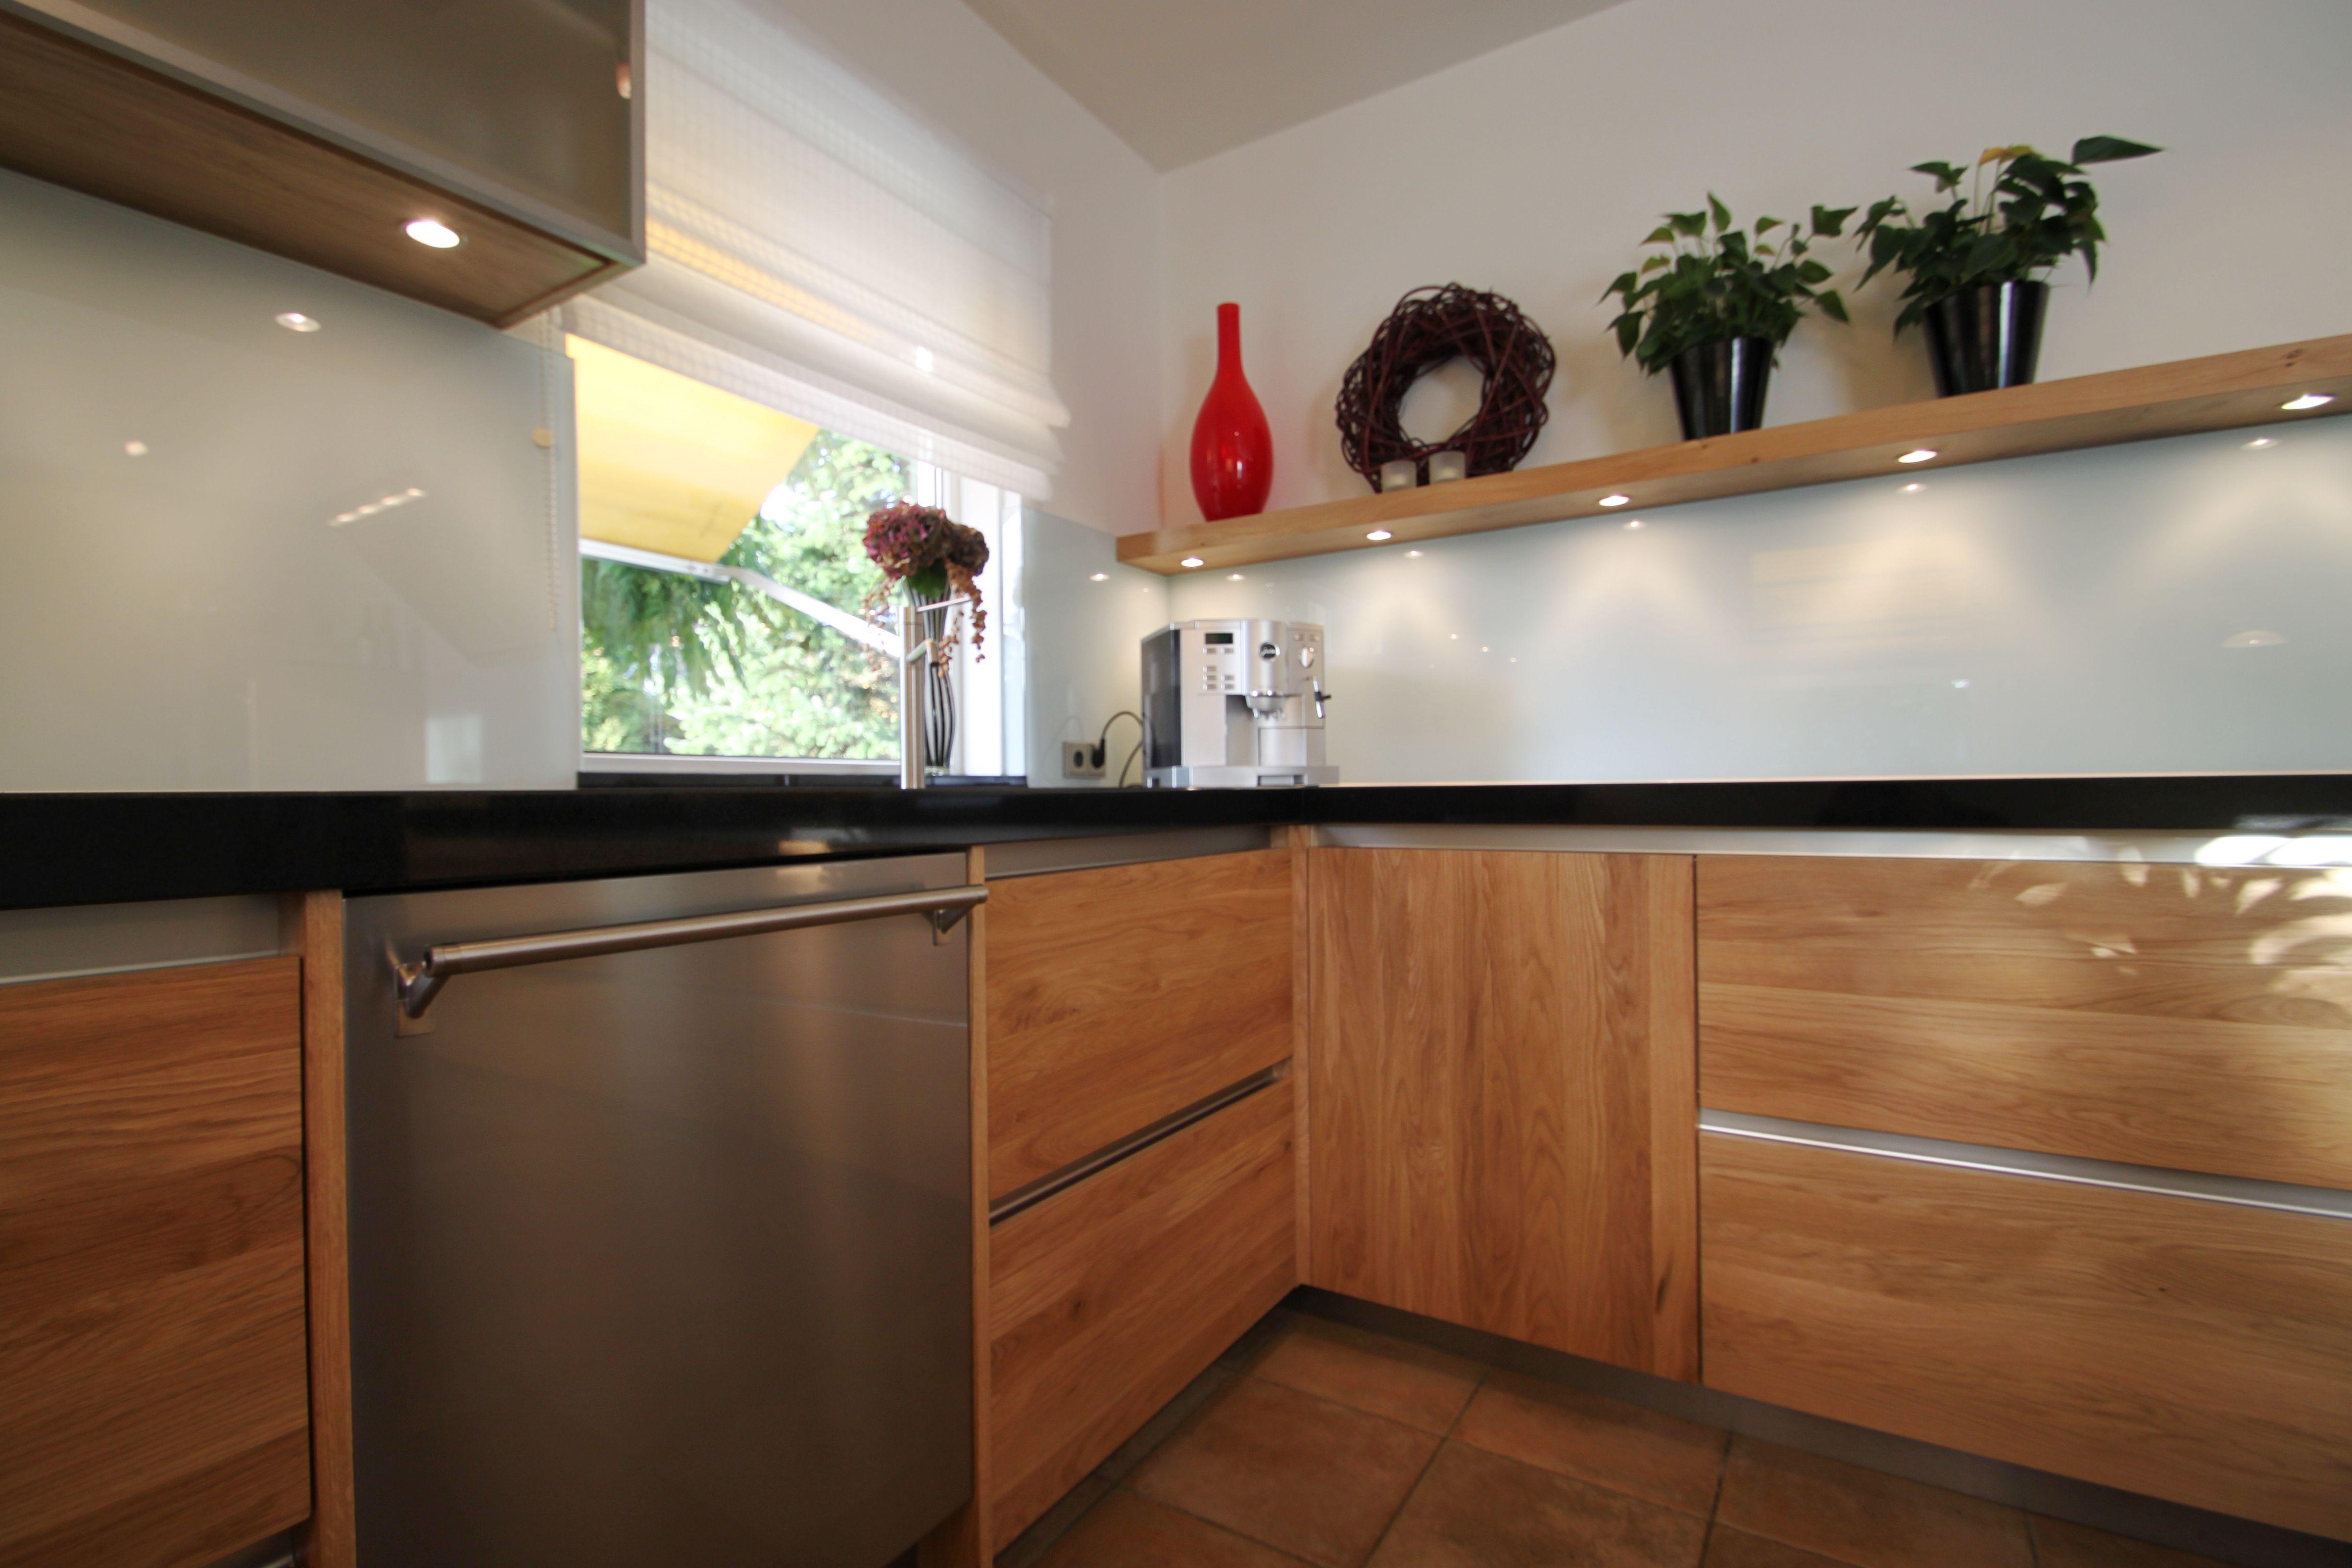 Moderne houten keuken. geheel maatwerk naar wens van de klant